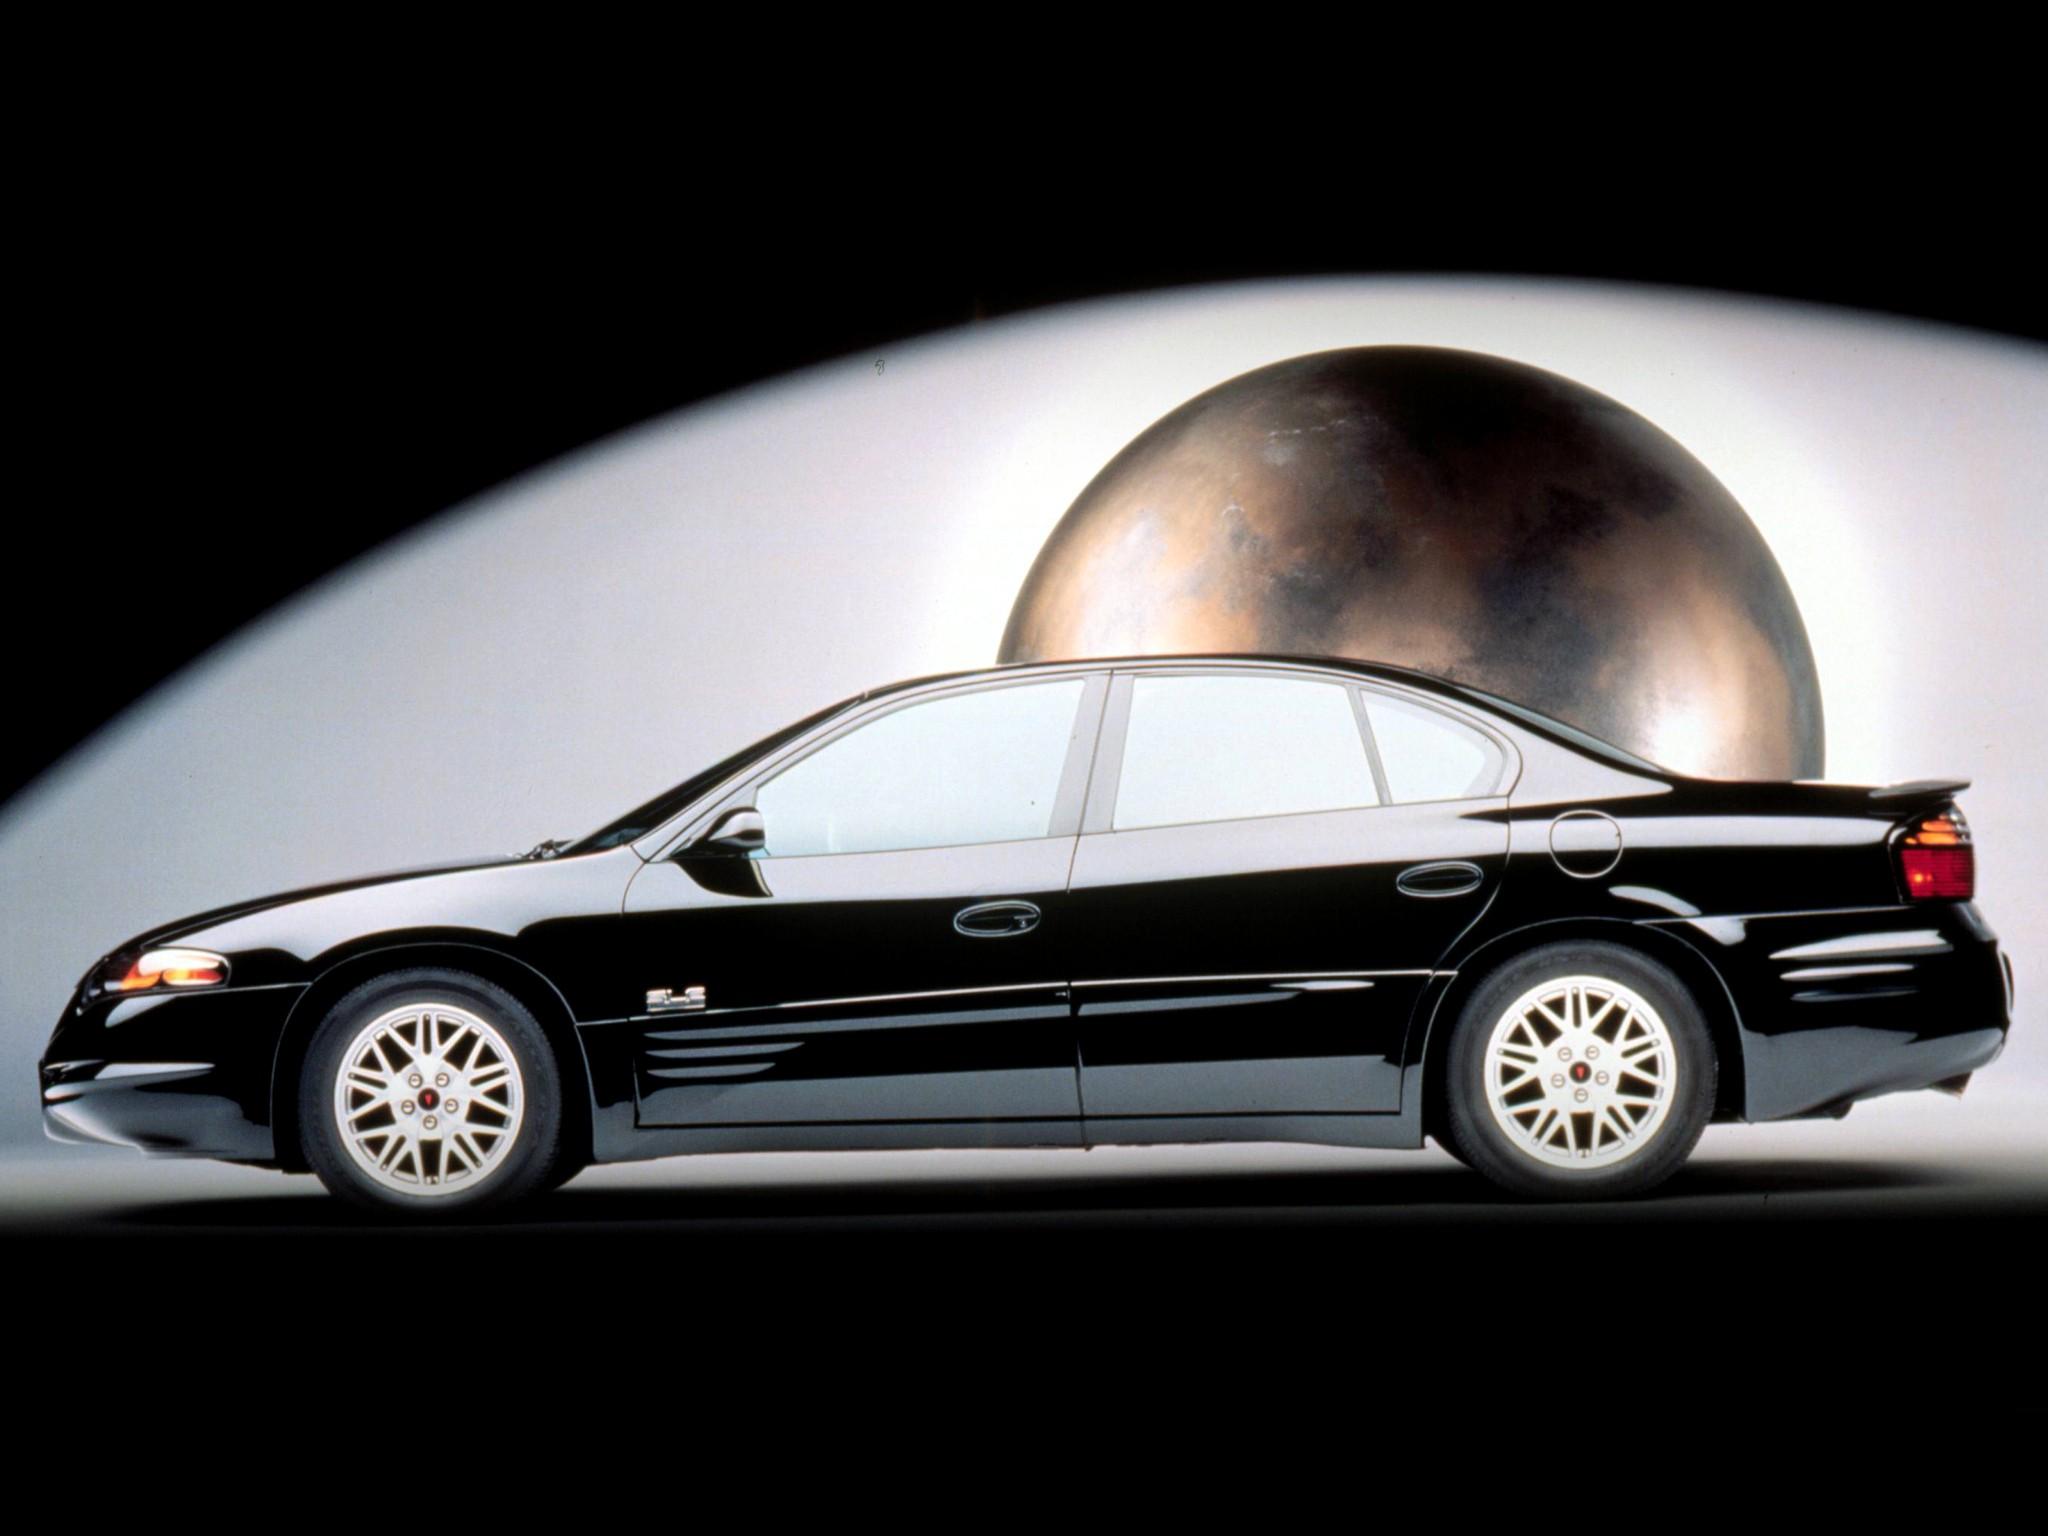 Auction Cars For Sale >> PONTIAC Bonneville specs & photos - 2000, 2001, 2002, 2003 - autoevolution